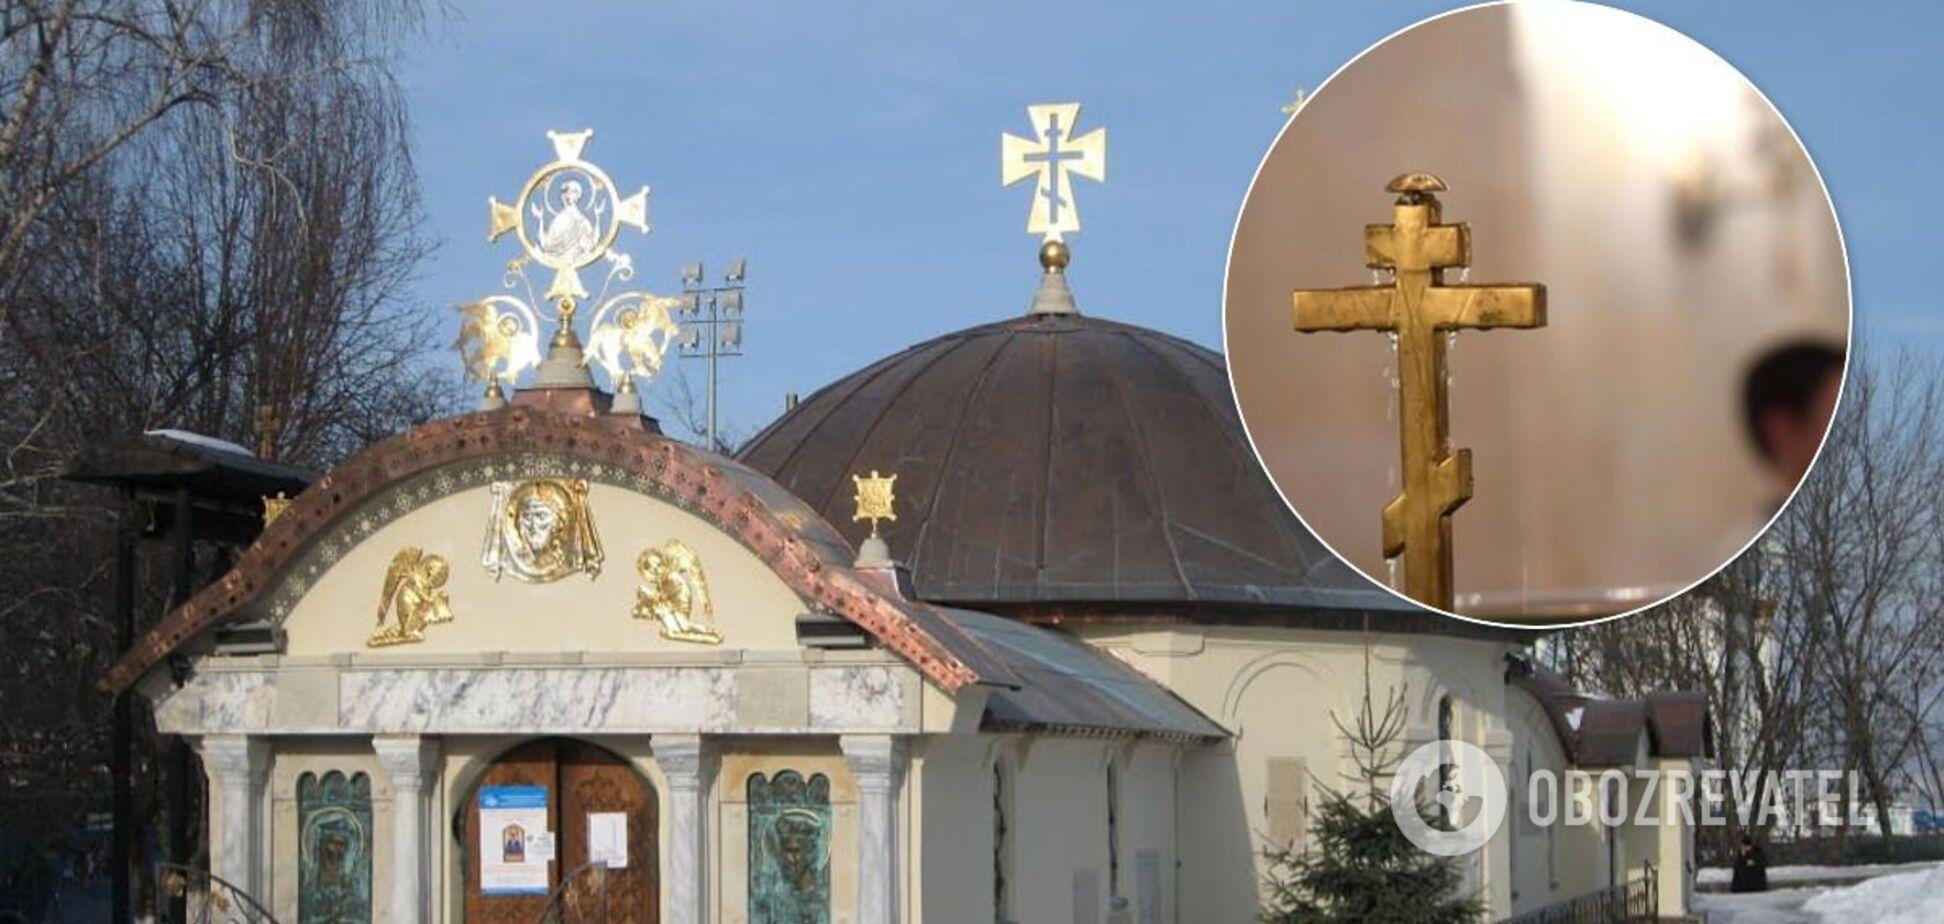 Десятинный монастырь Рождества Пресвятой Богородицы РПЦвУ